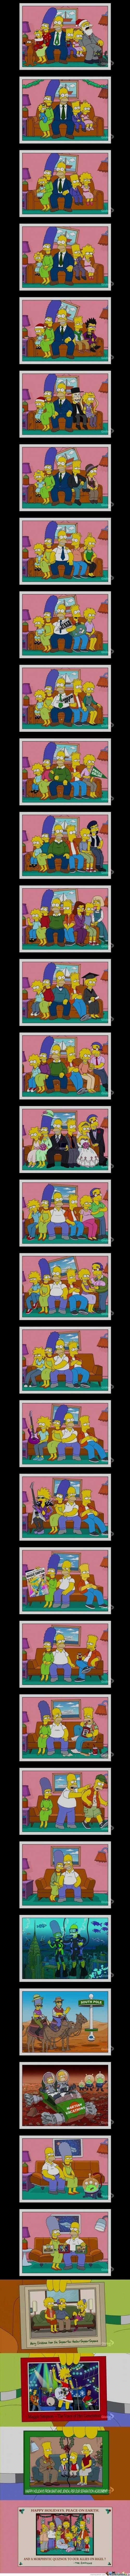 Simpson Timeline. .. I've seen some .